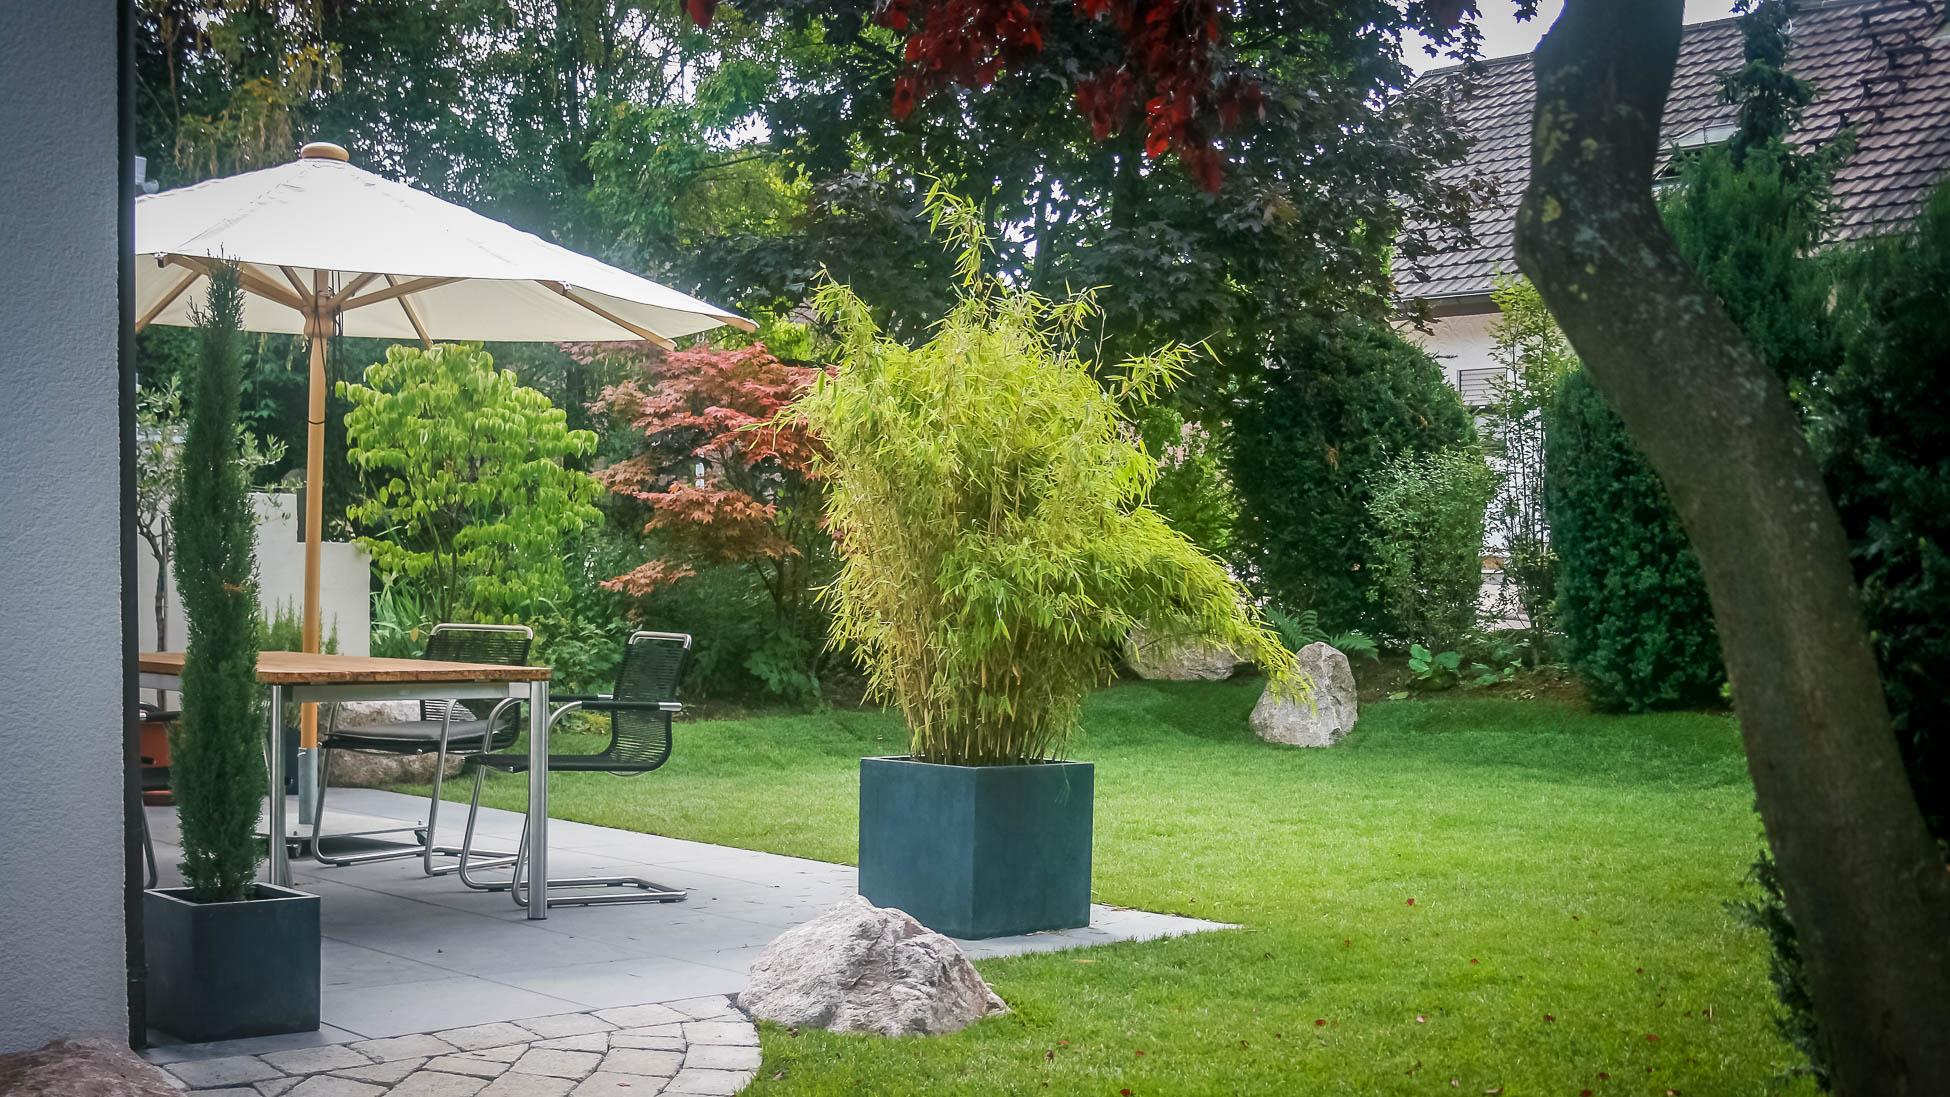 Gartenanlagen Terrasse Rasen Privat